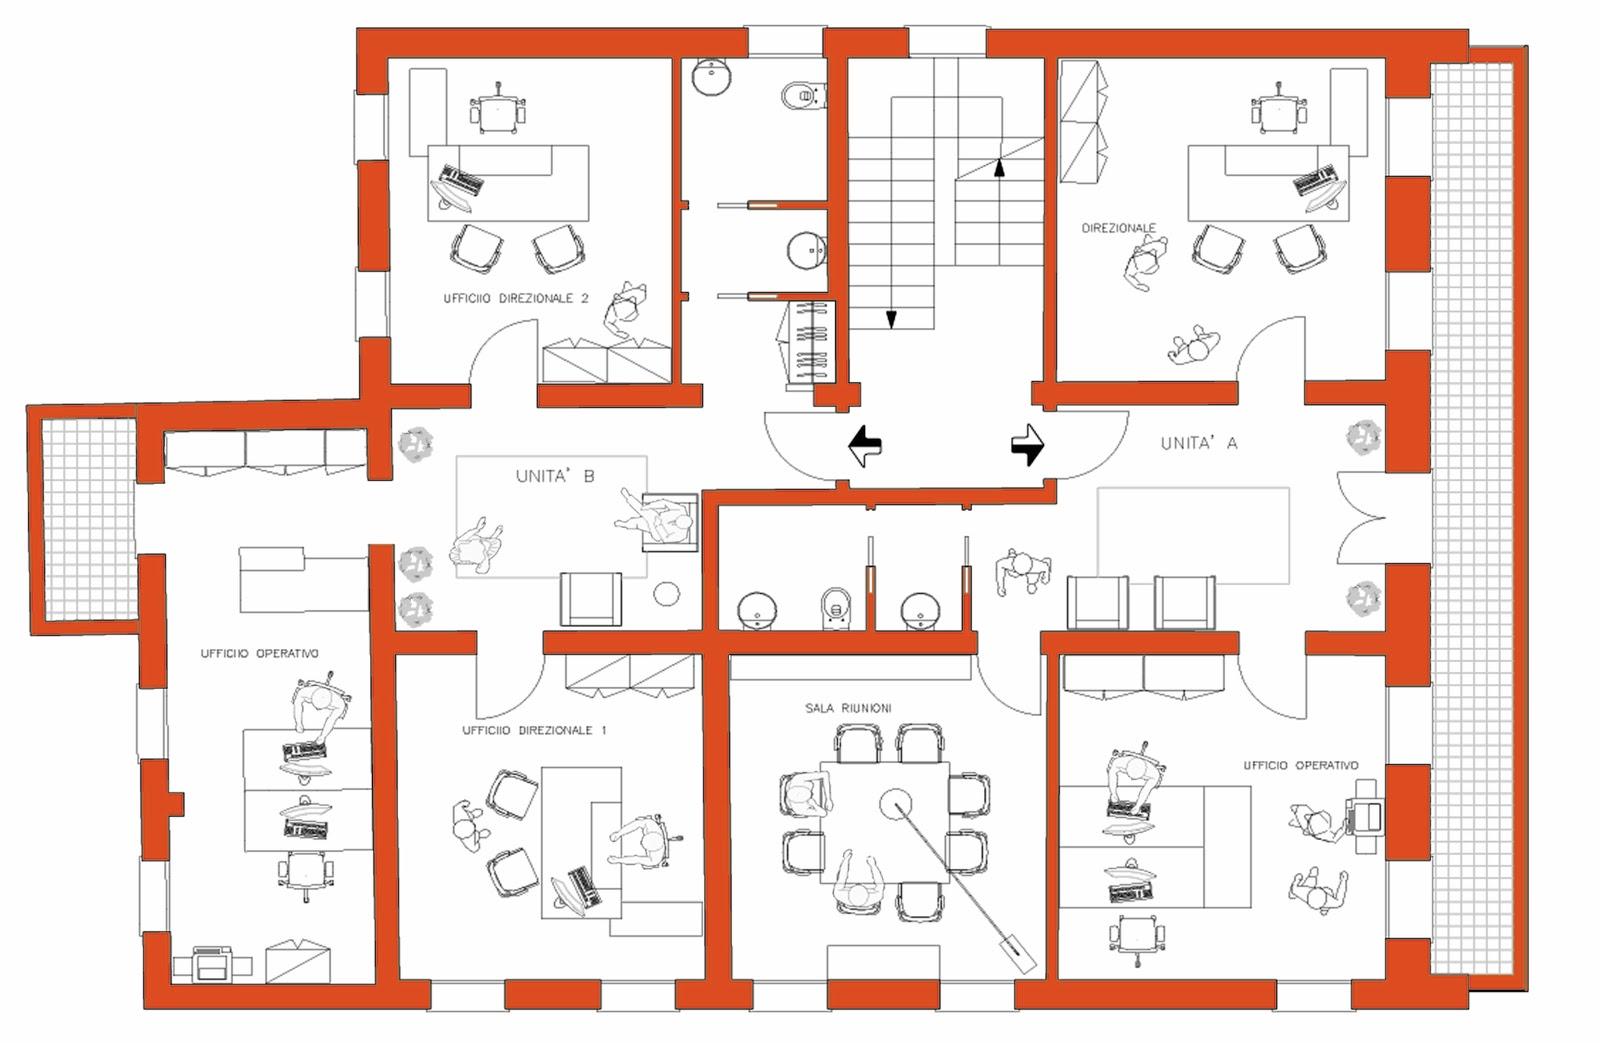 Pianta architettura definizione idea creativa della casa for Miglior design della planimetria